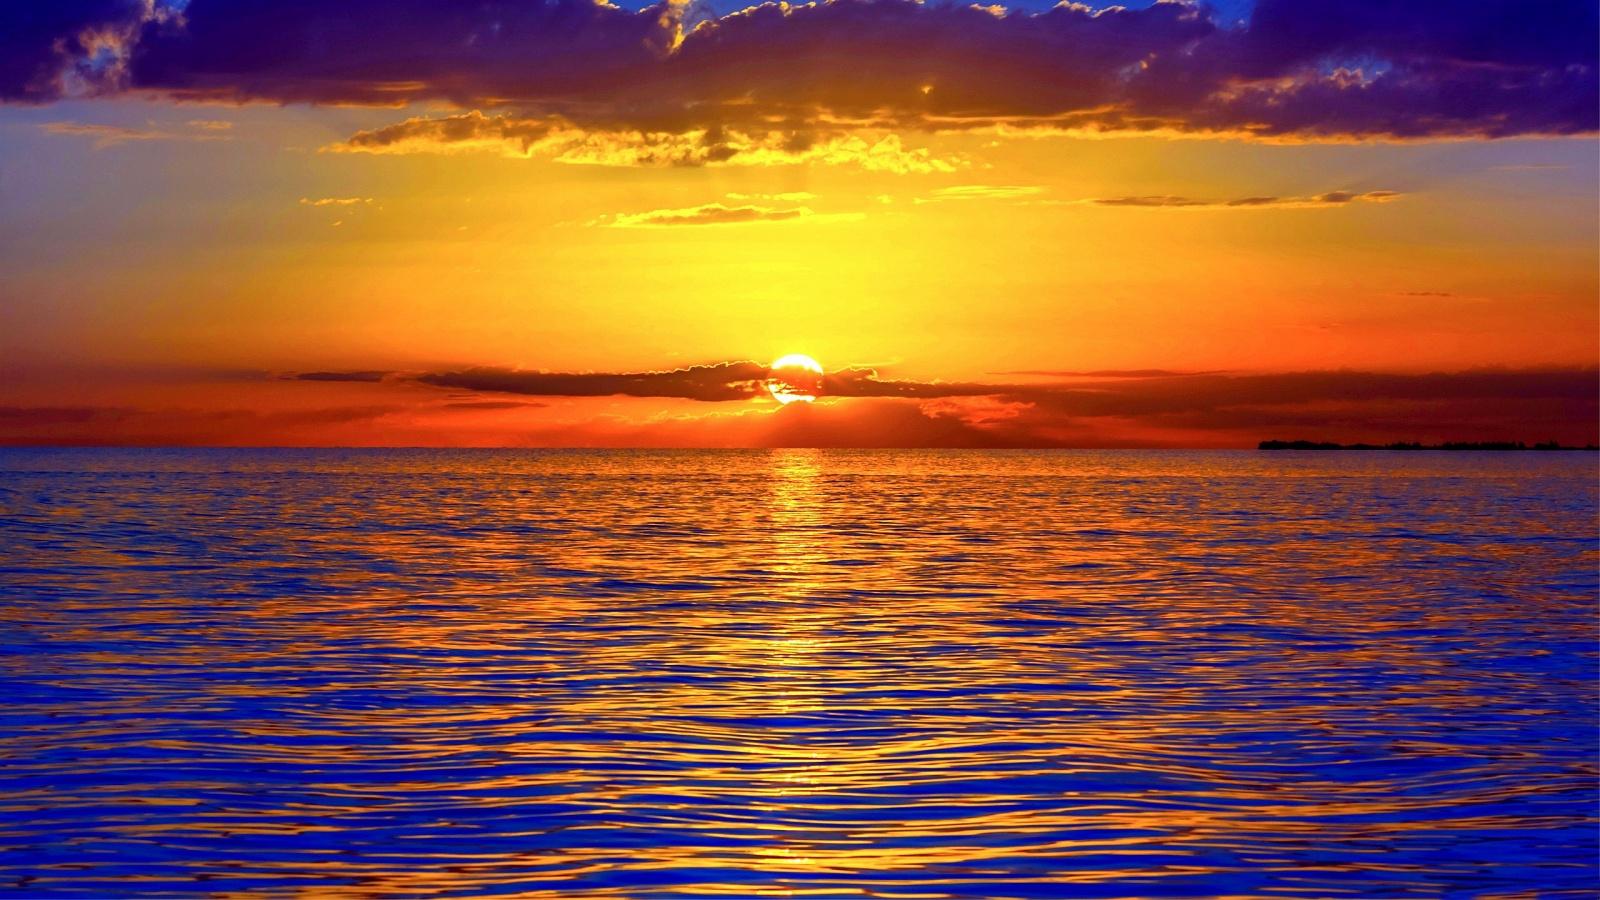 ocean sunset wallpaper hd 1